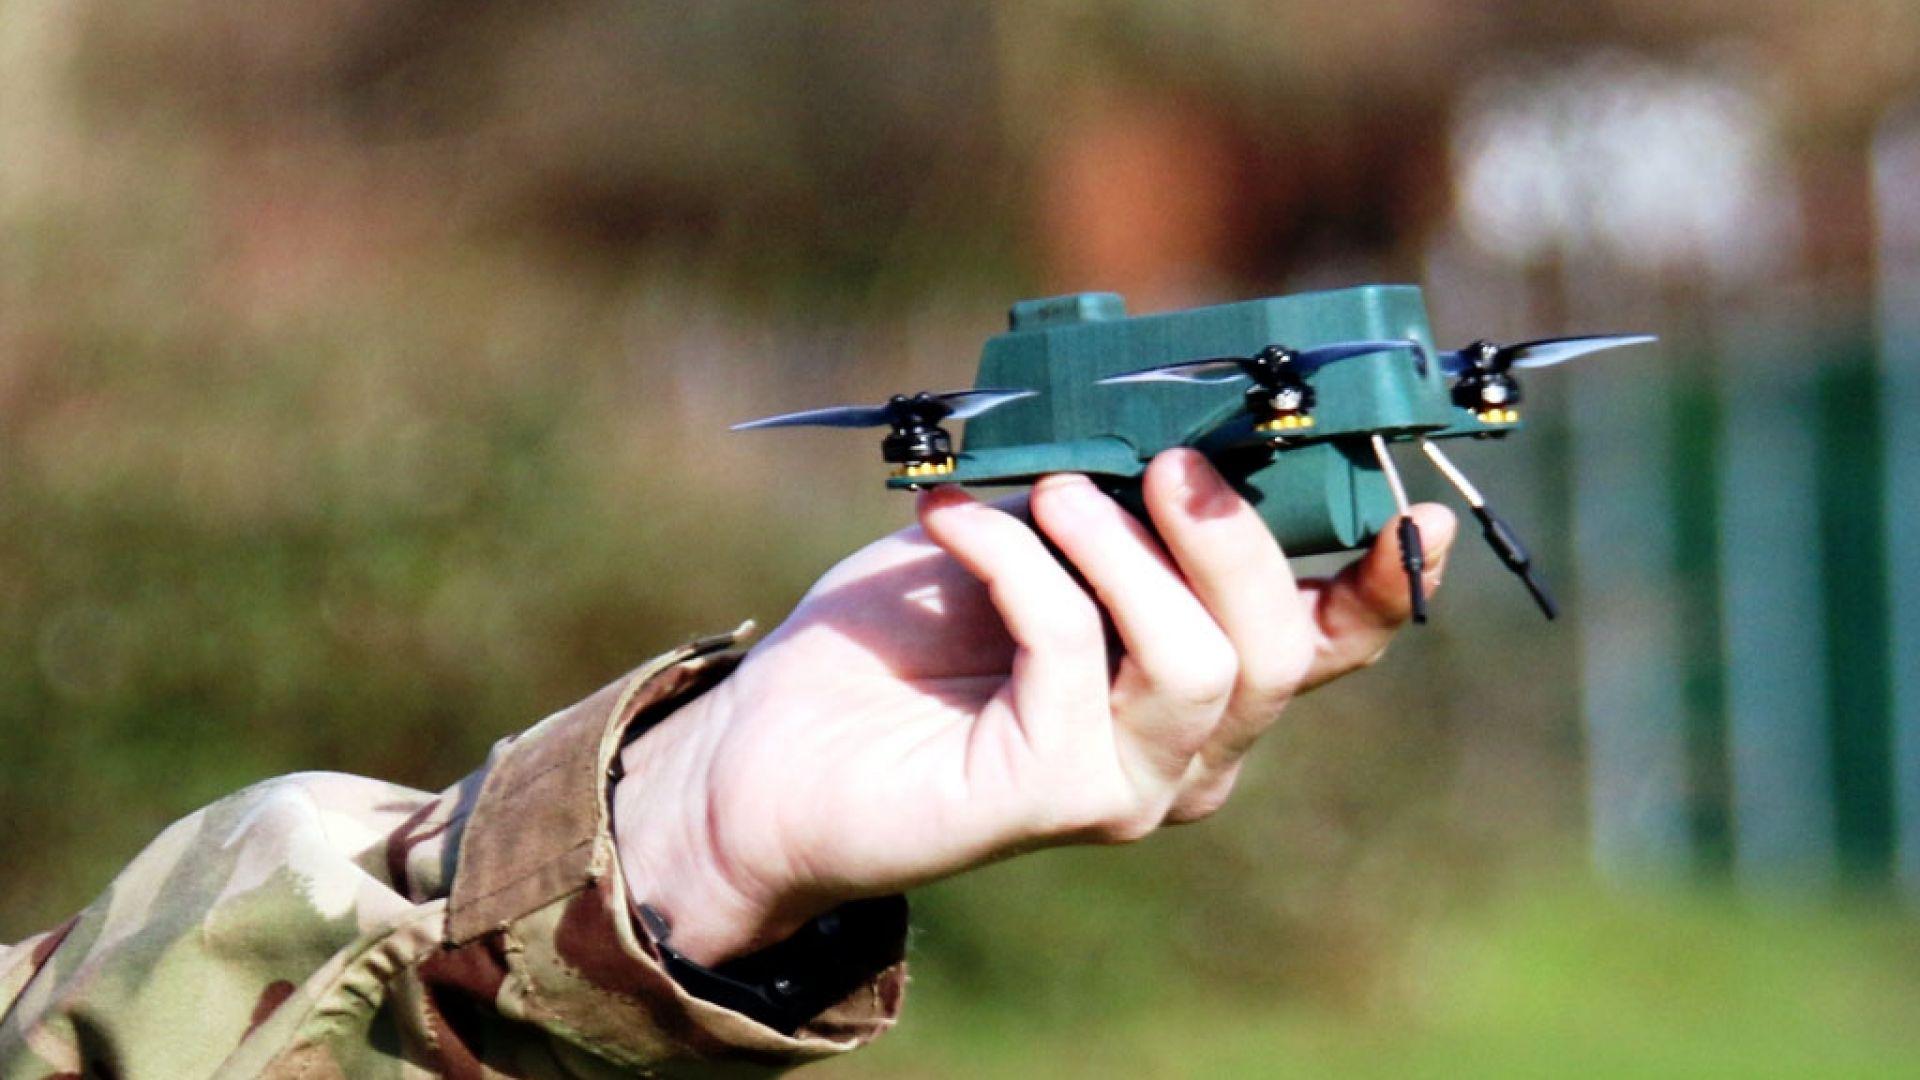 Британската армия се въоръжава с мини дрон